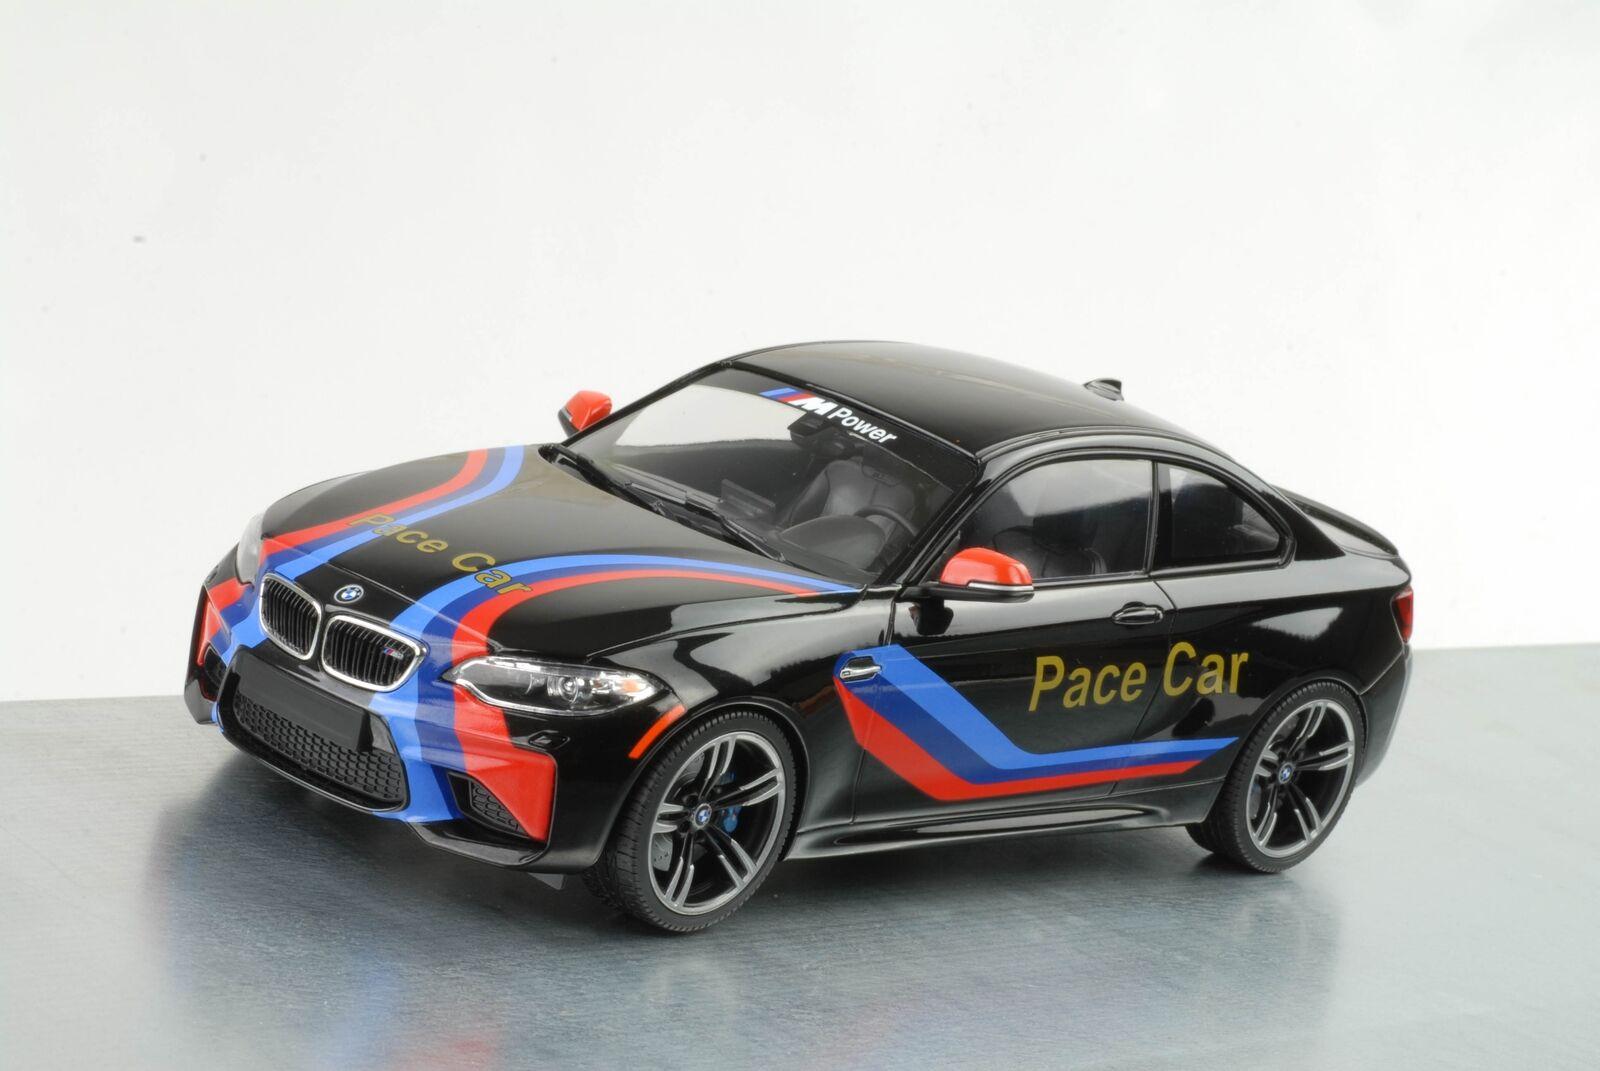 2016 BMW m2 COUPE PACE CAR NERO METALLIZZATO 1:18 Minichamps